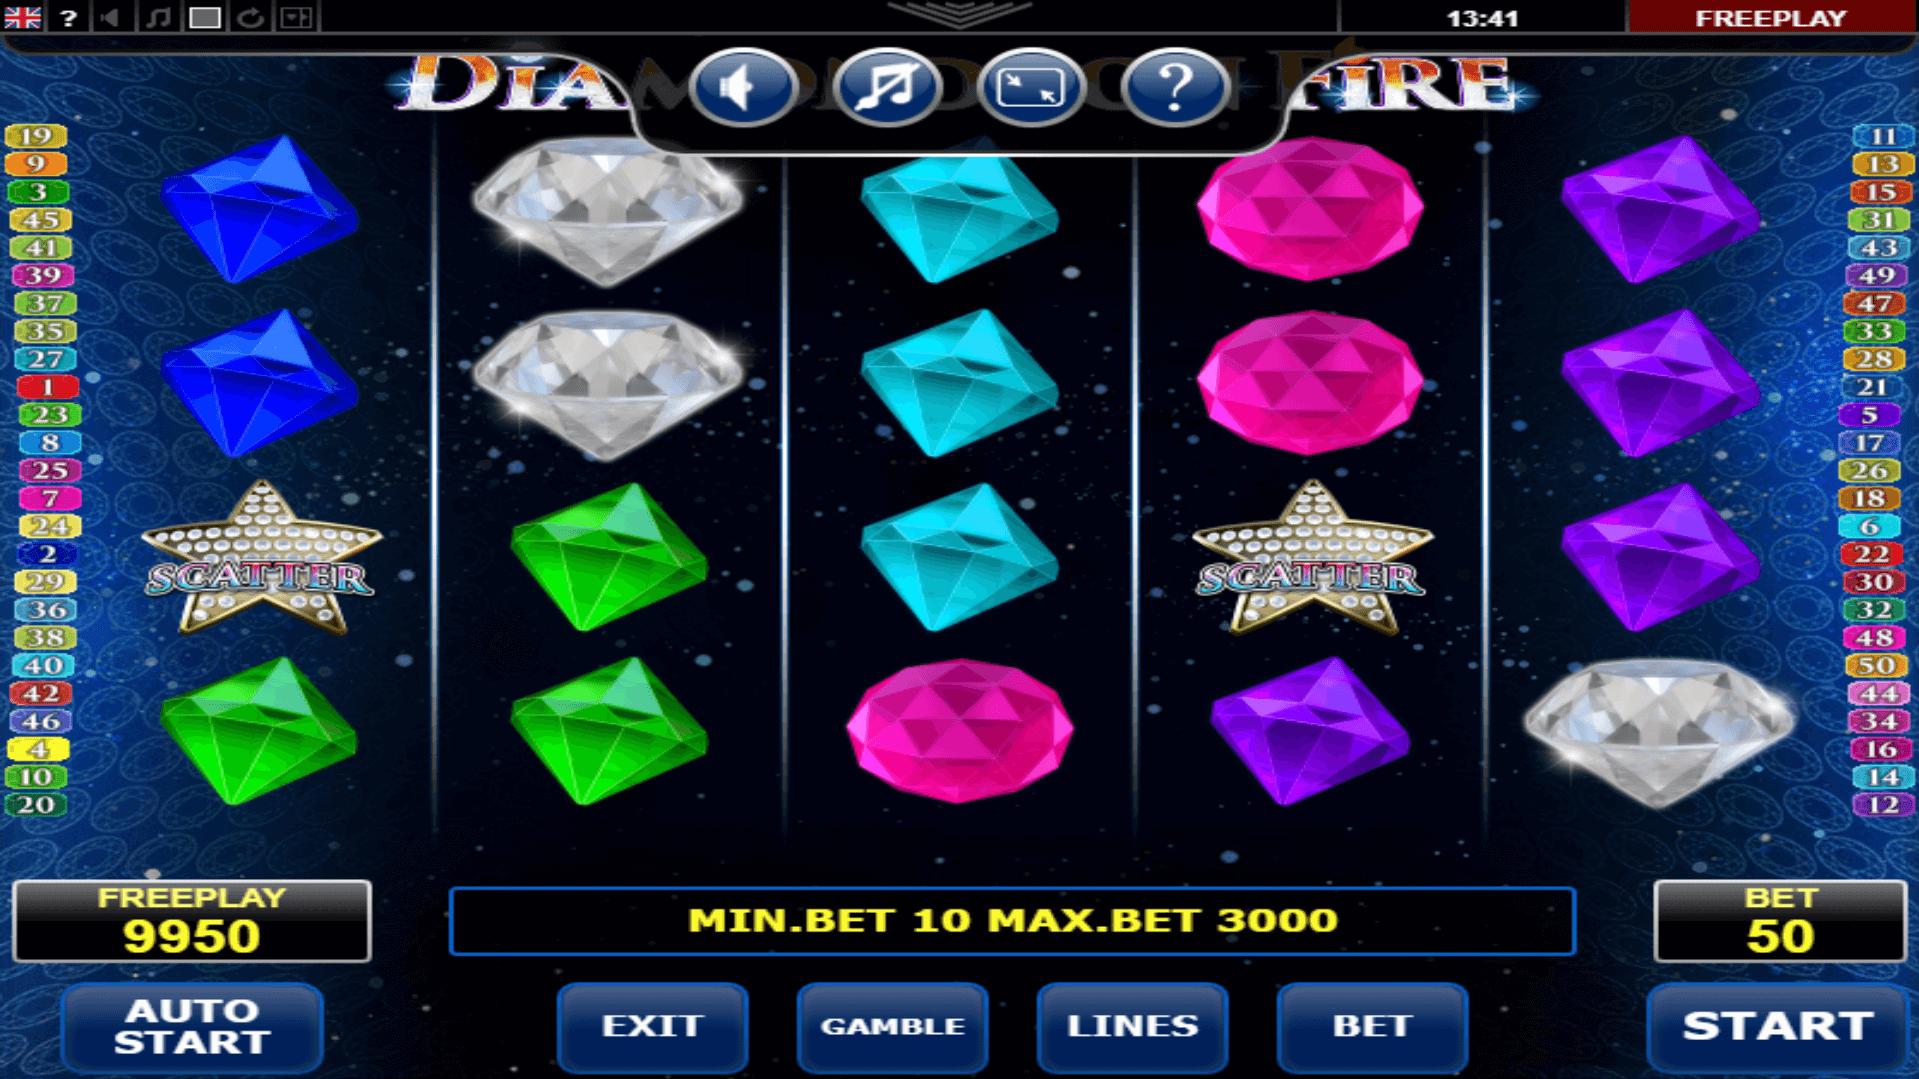 Spiele Diamonds On Fire - Video Slots Online